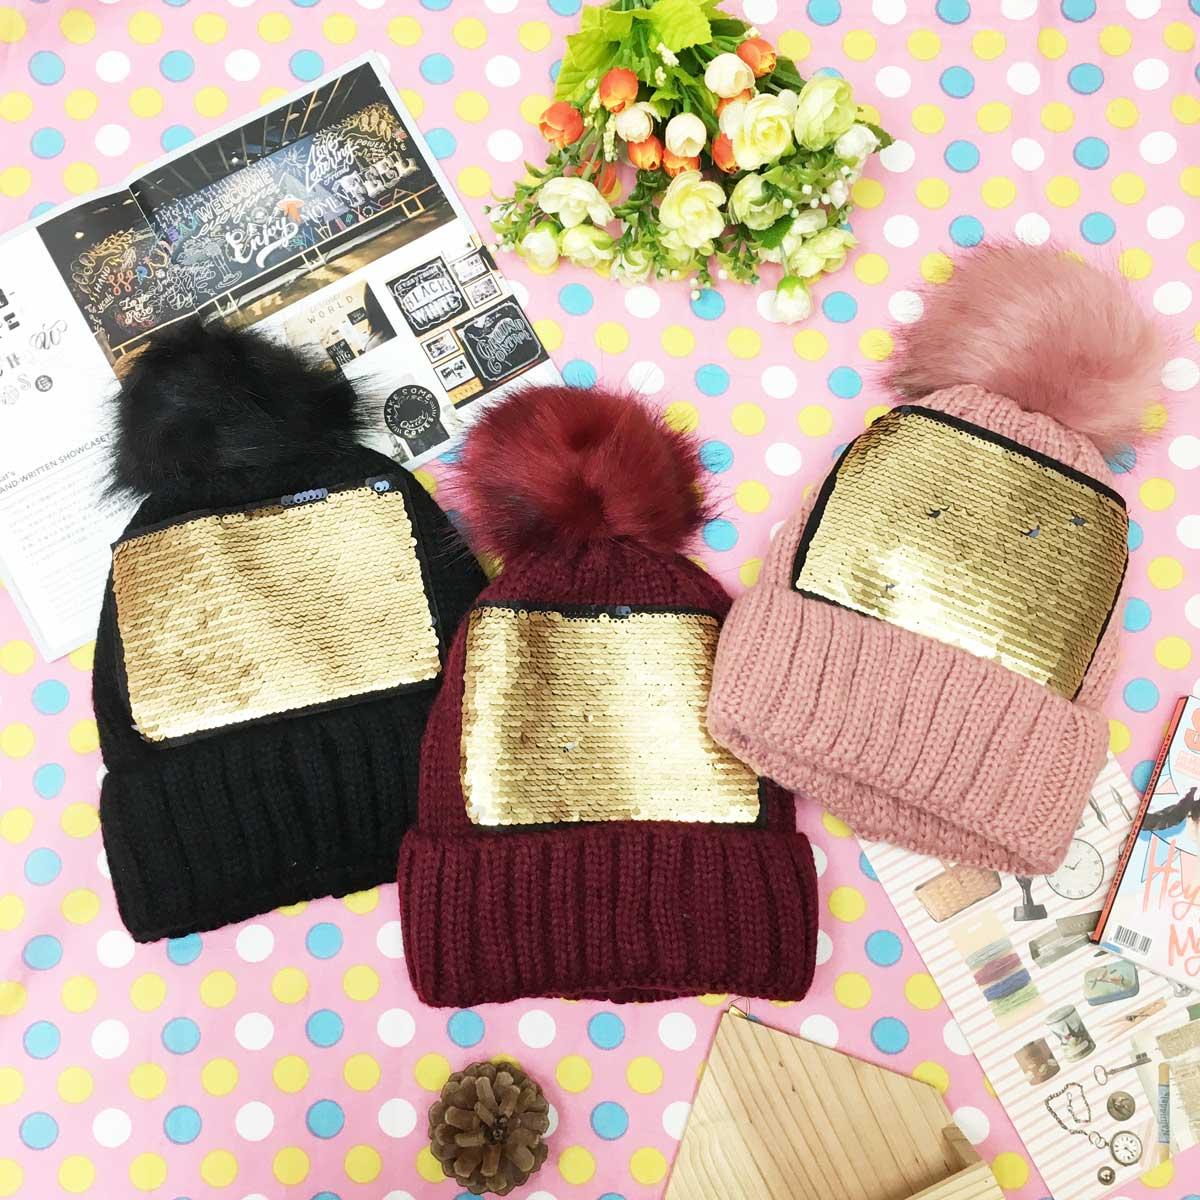 帽子 亮片 撞色 內刷毛 毛球 變色 保暖 編織 毛帽 三色